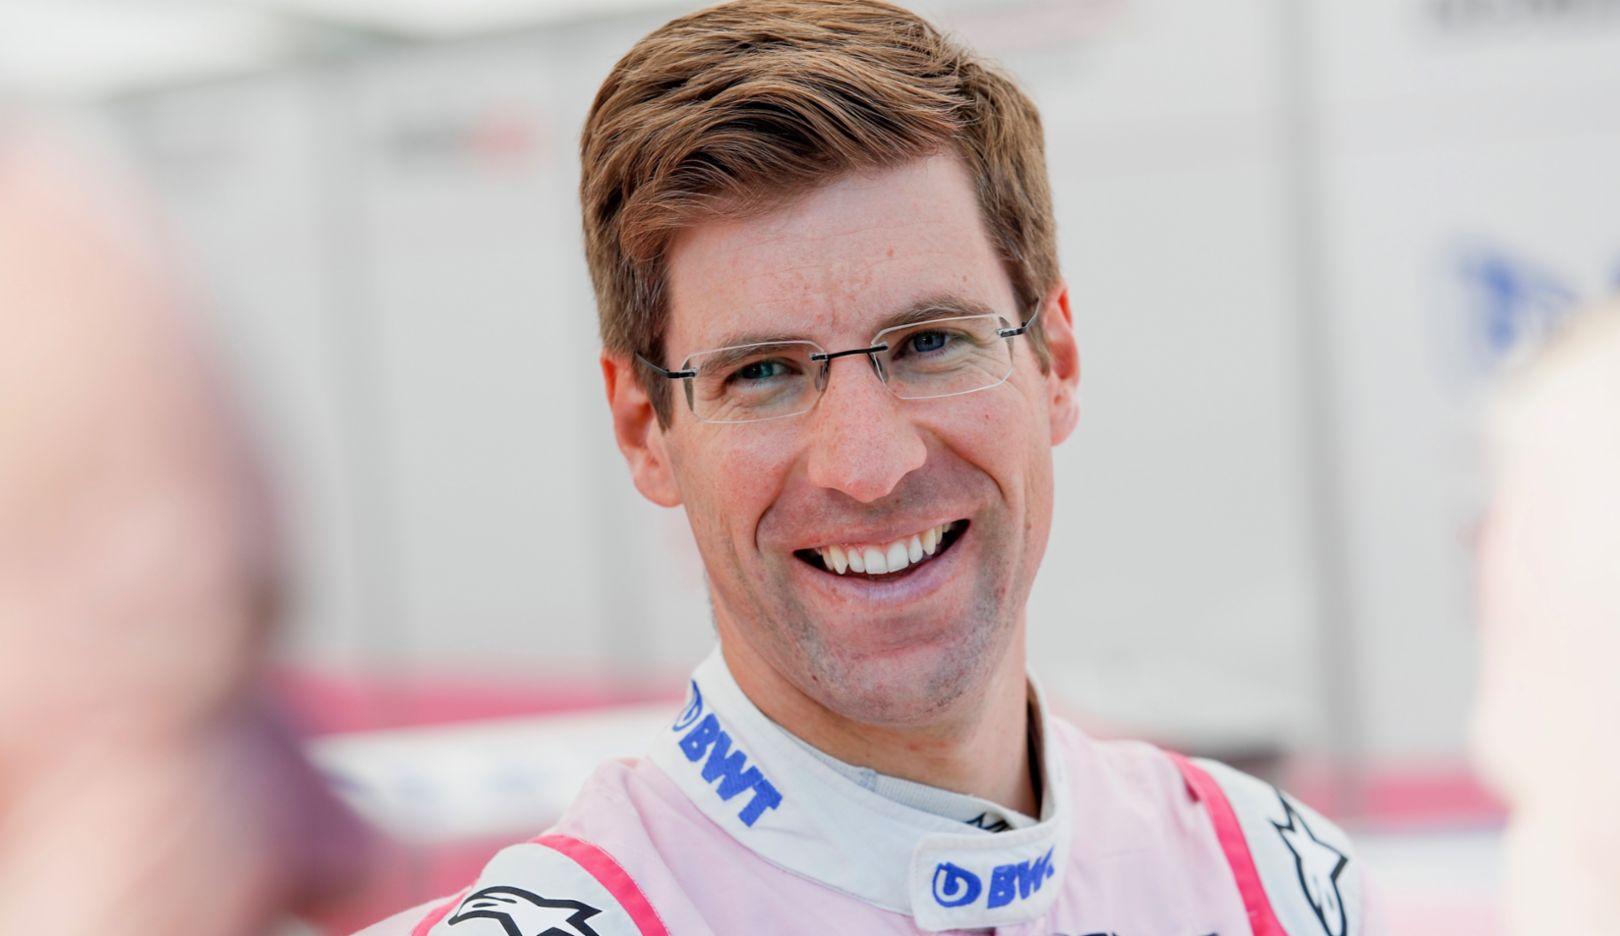 Michael Ammermüller, 2018, Porsche AG